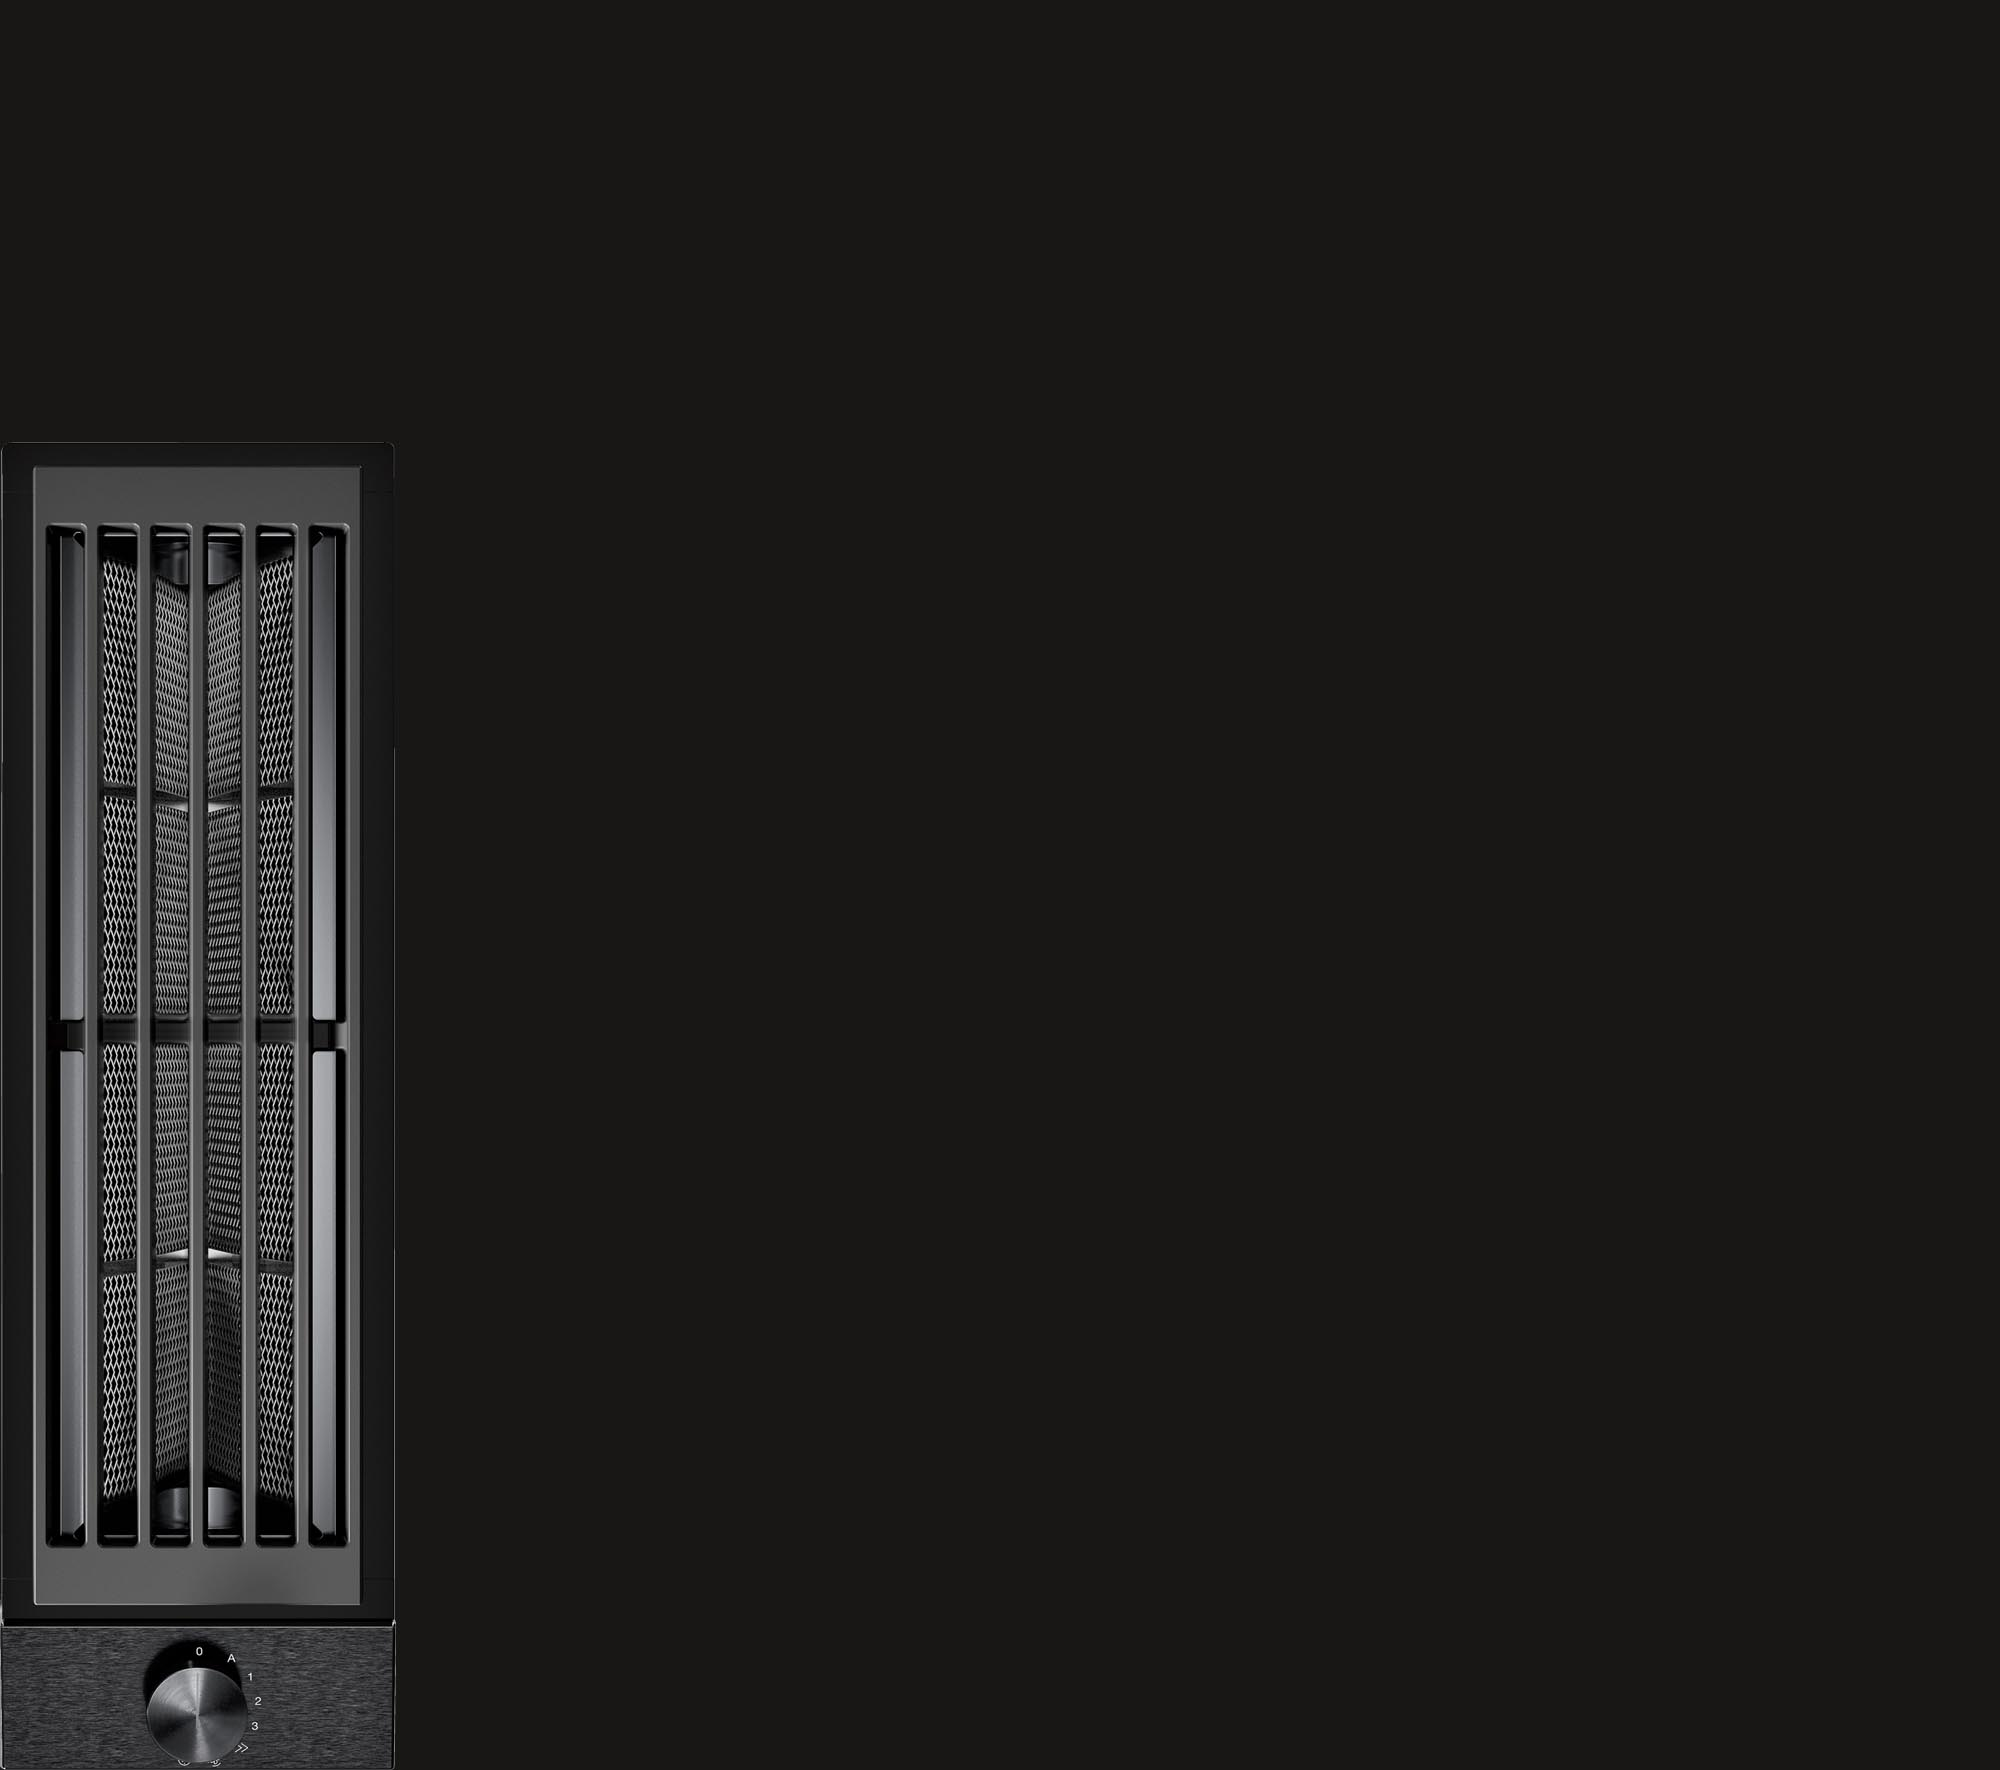 Витяжка для вбудовування у стільницю Vario VL200120 GAGGENAU